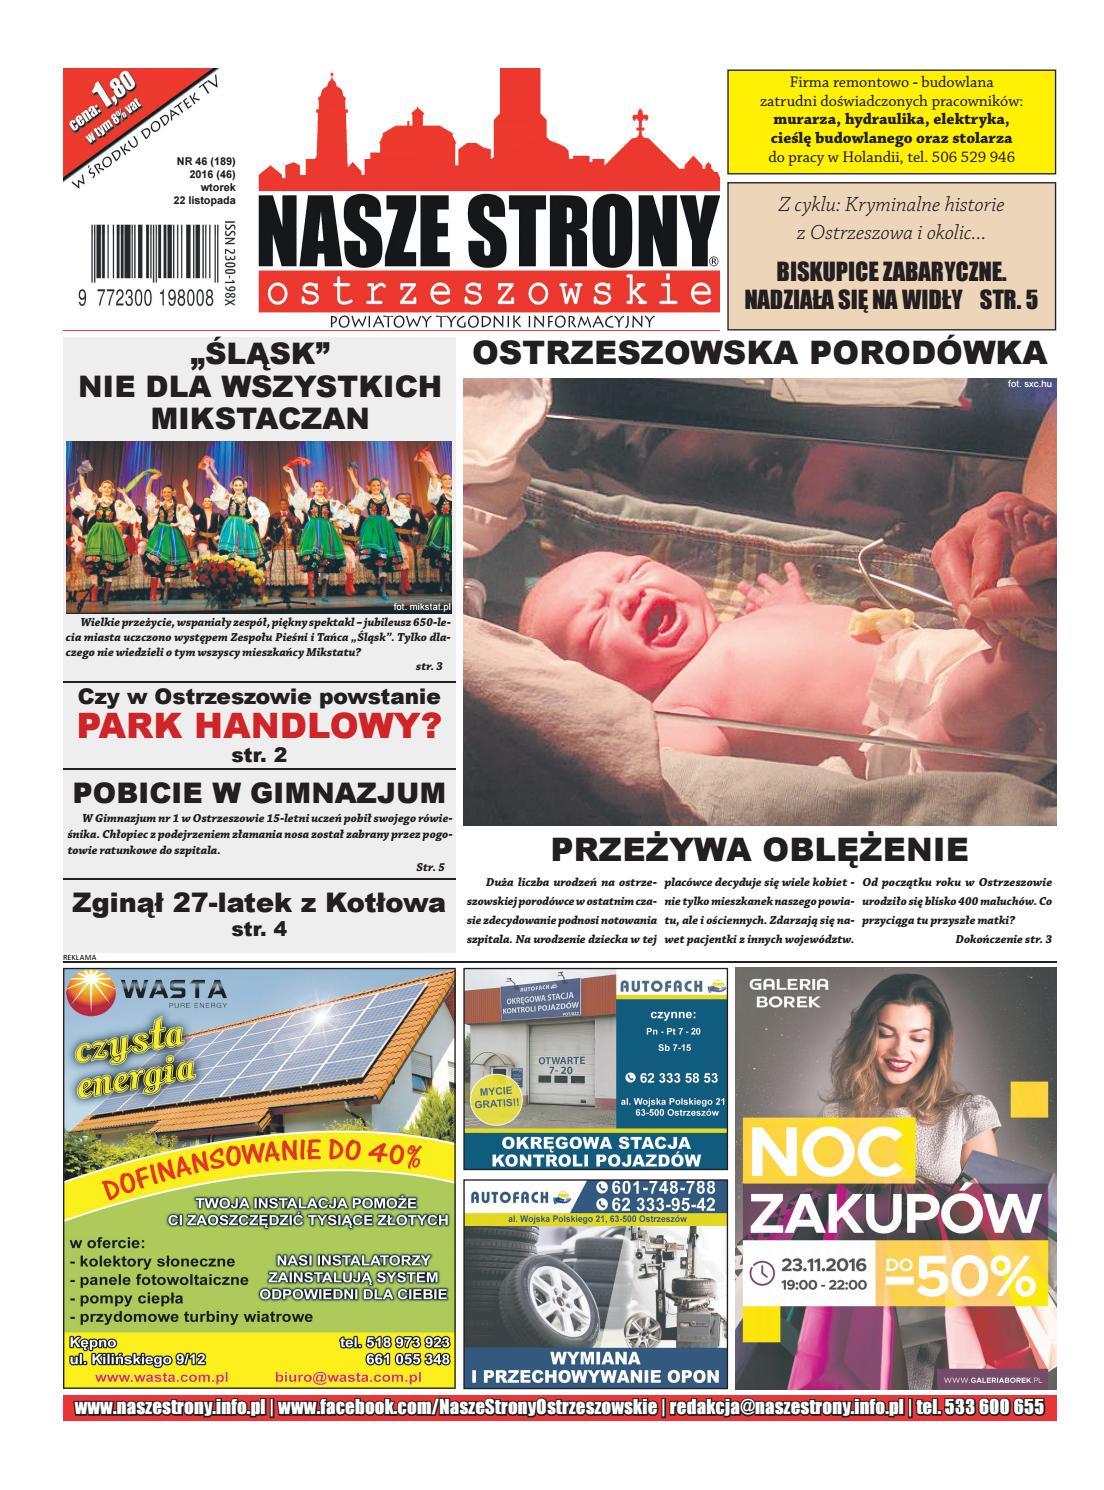 Burmistrz Cega dba o gmin - Nasze Strony Ostrzeszowskie